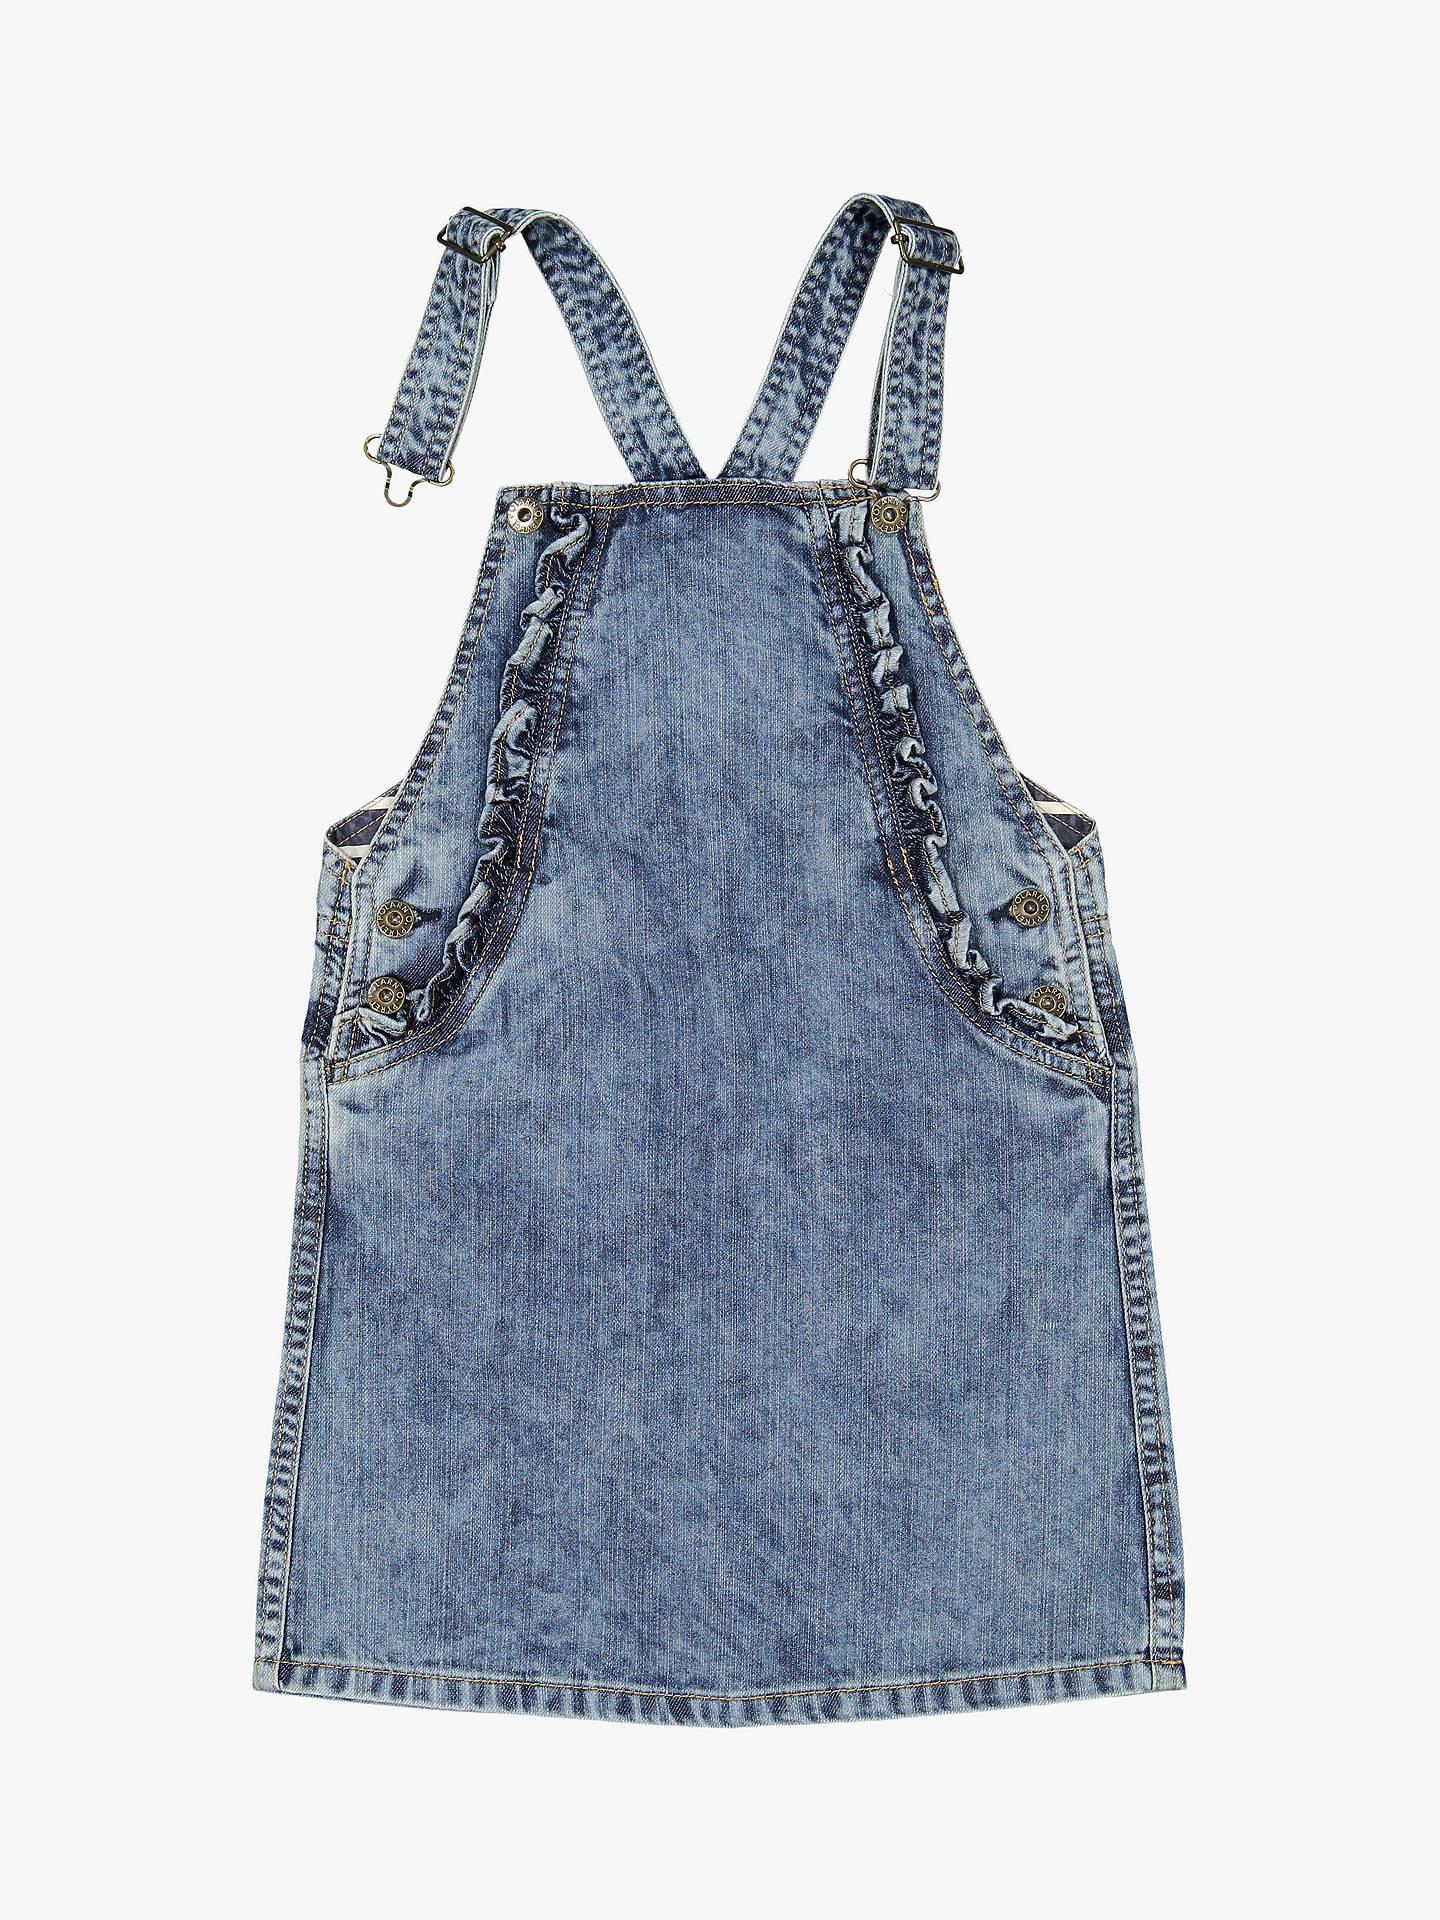 0c34c82736f3 Polarn O. Pyret Girls' Denim Pinafore Dress, Blue at John Lewis ...